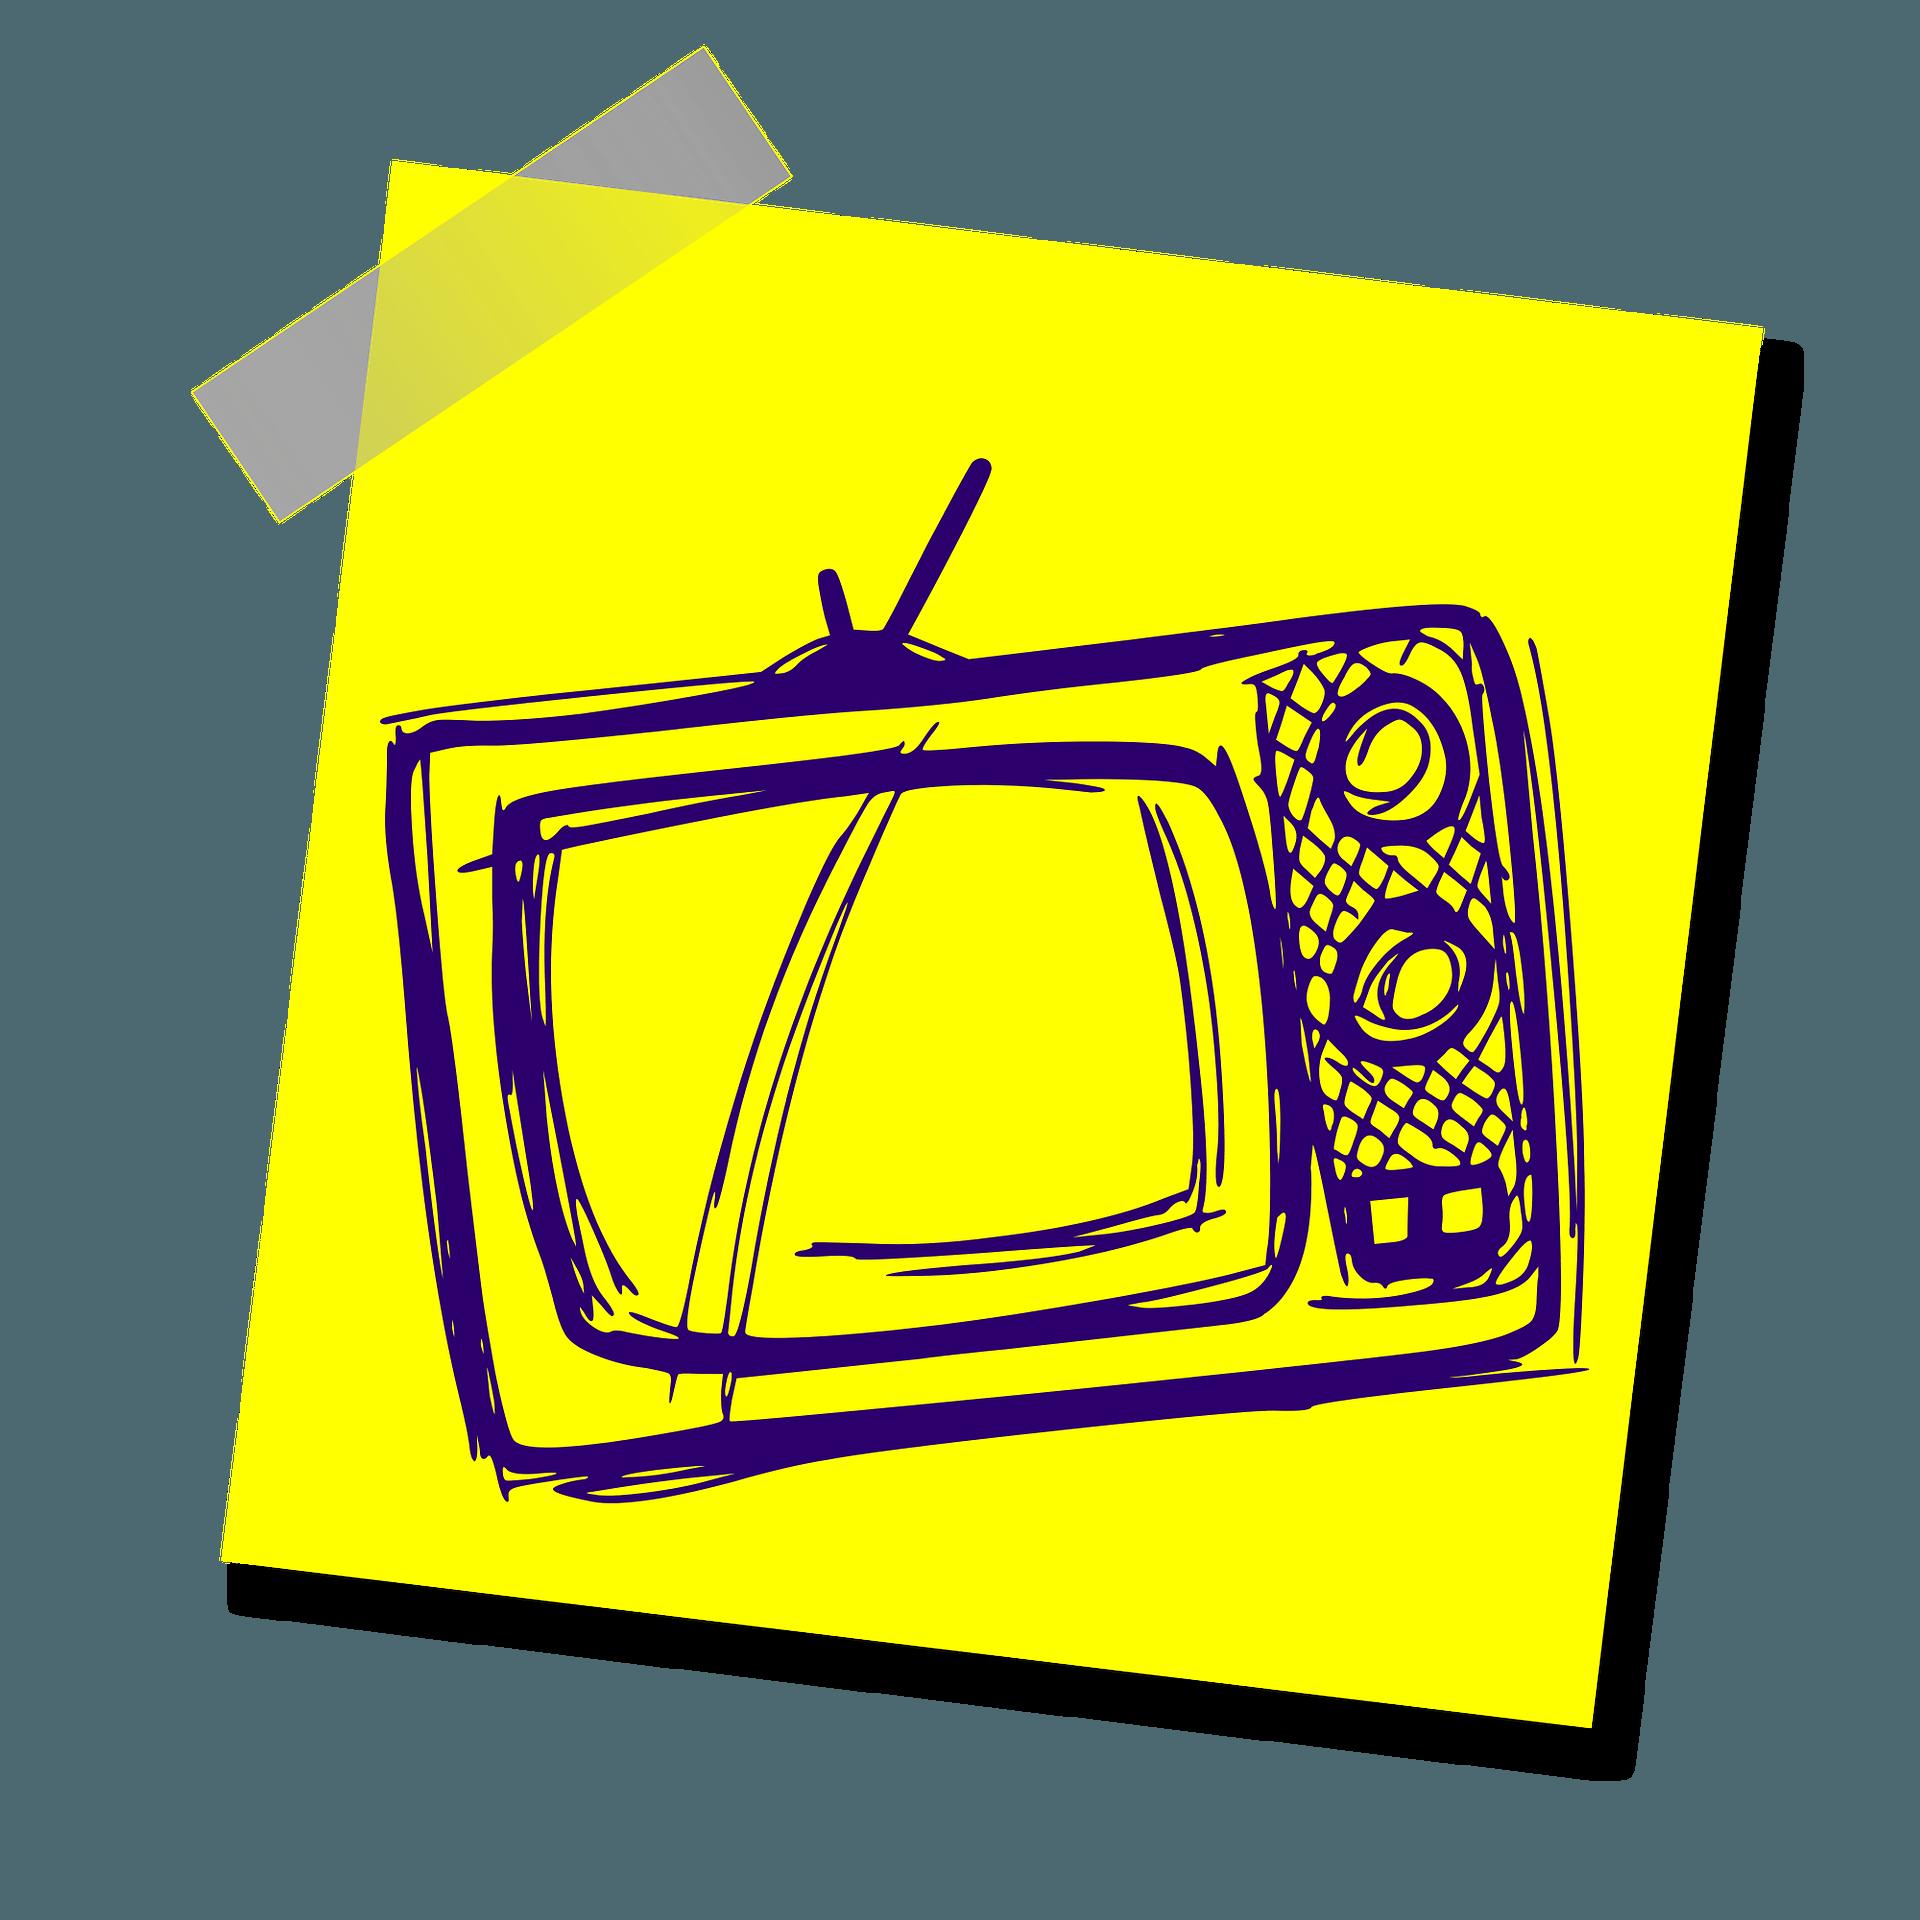 Aktorzy telewizyjni - nauka angielskiego